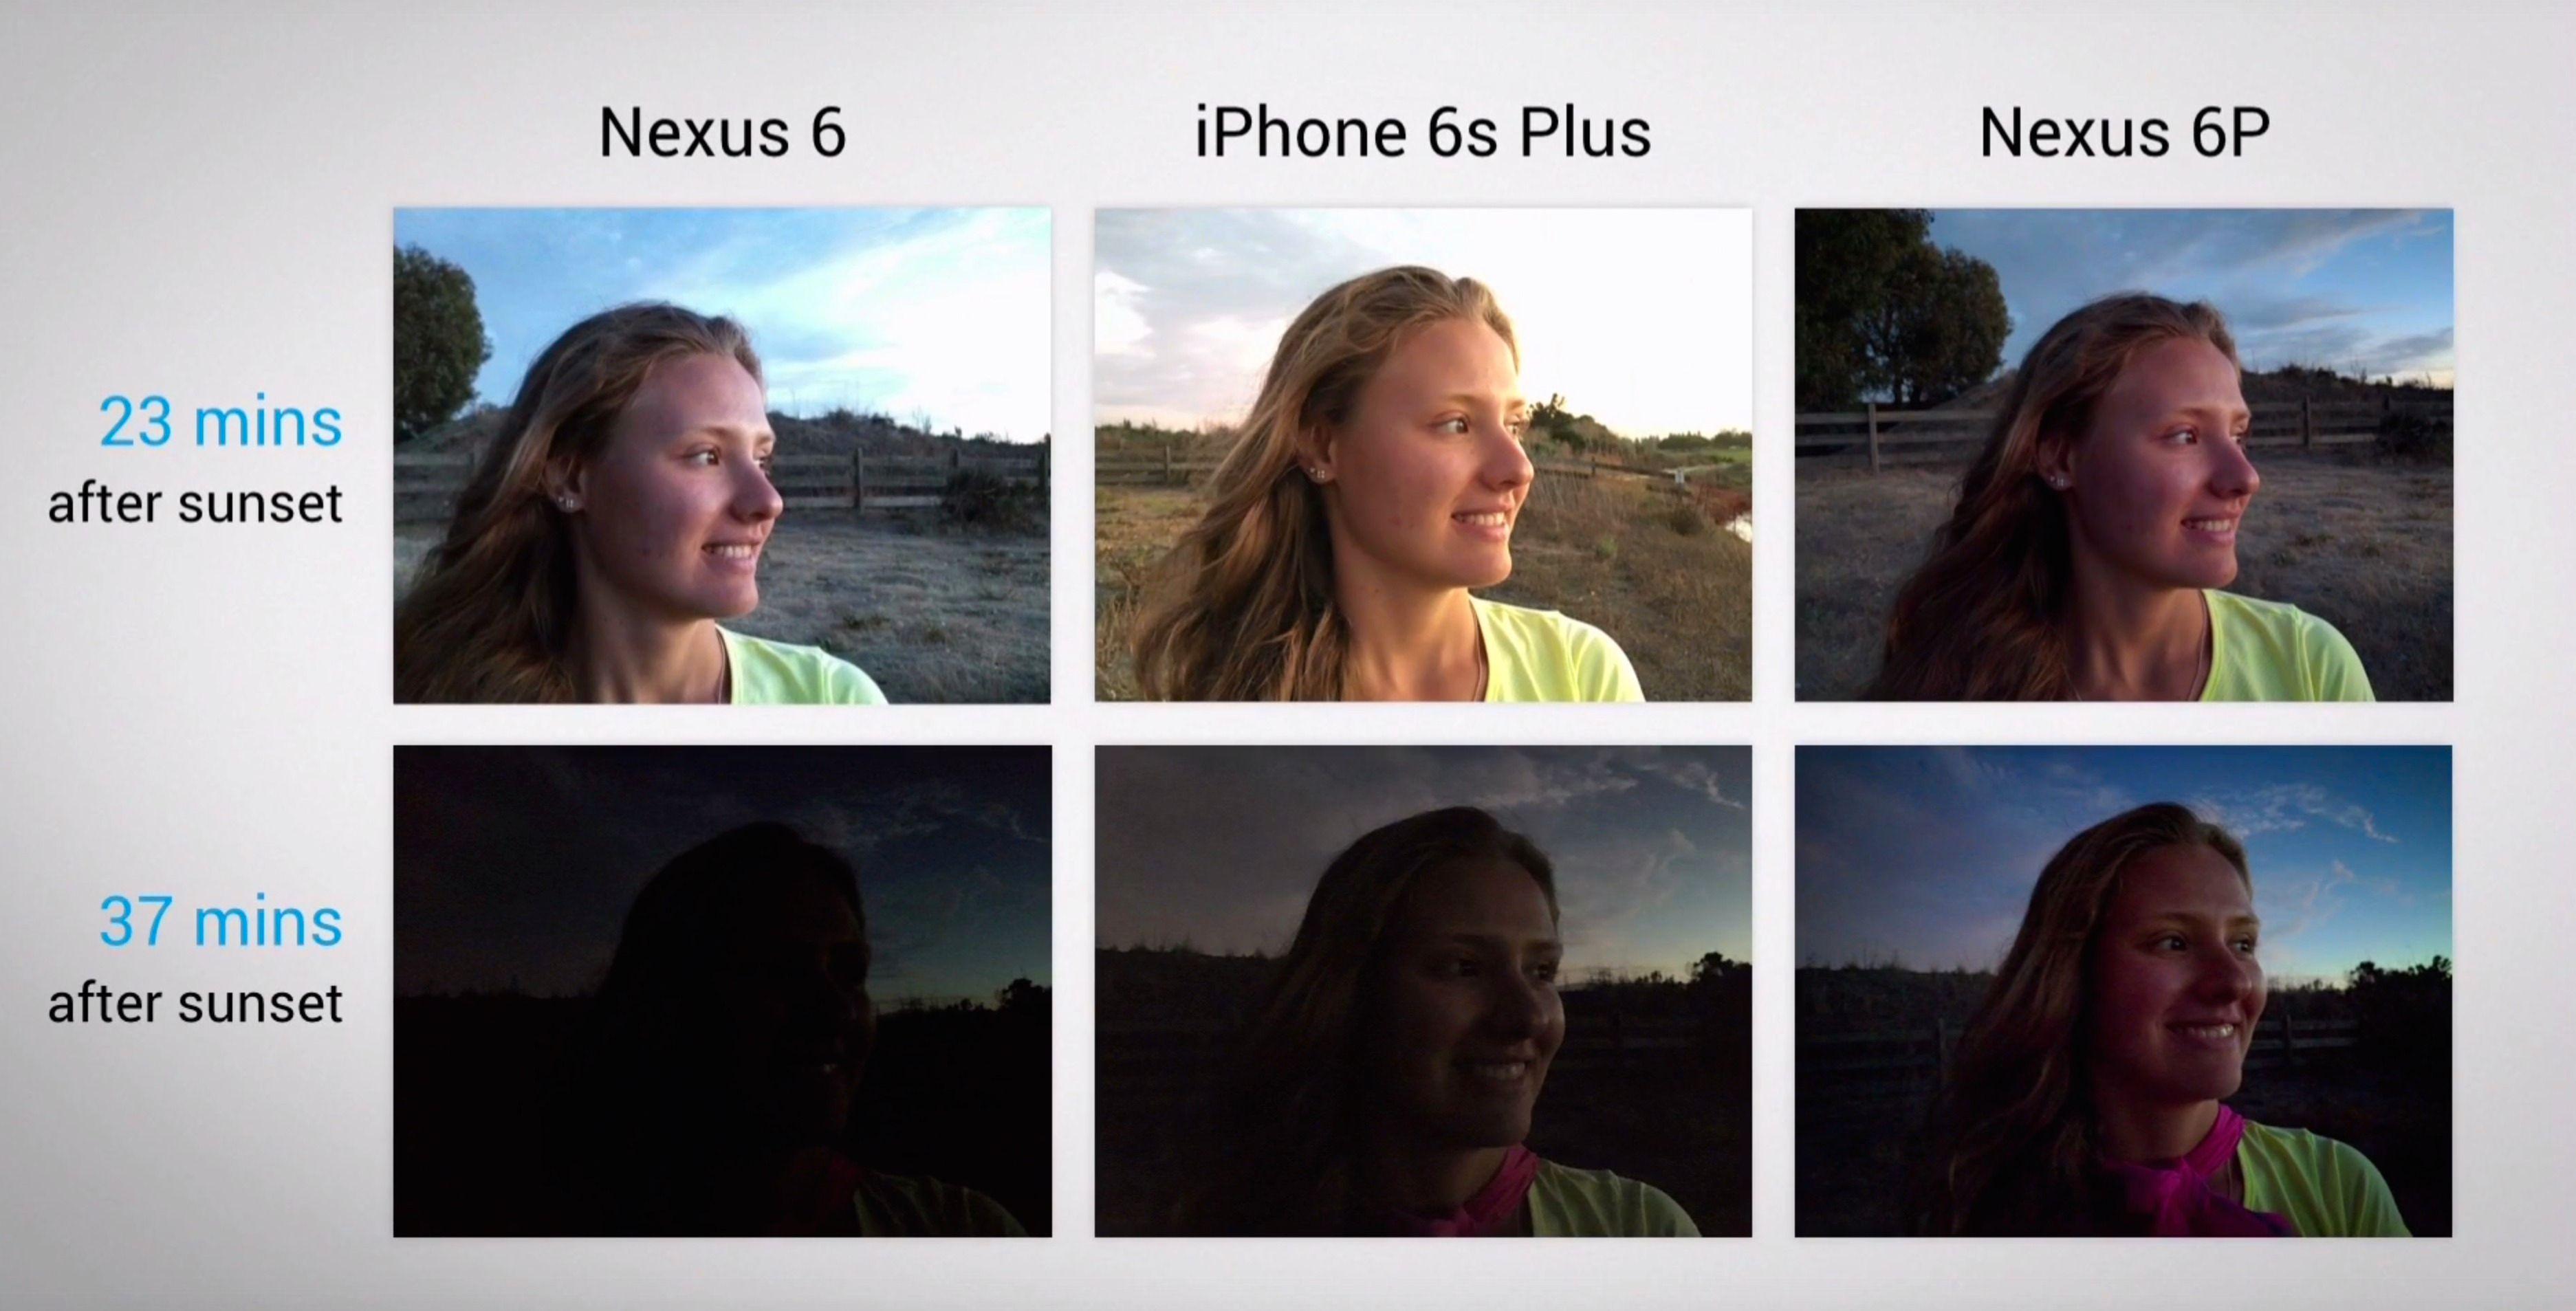 Så god skal lyssensitiviteten være i de nye telefonene. Foto: Skjermdump/Google